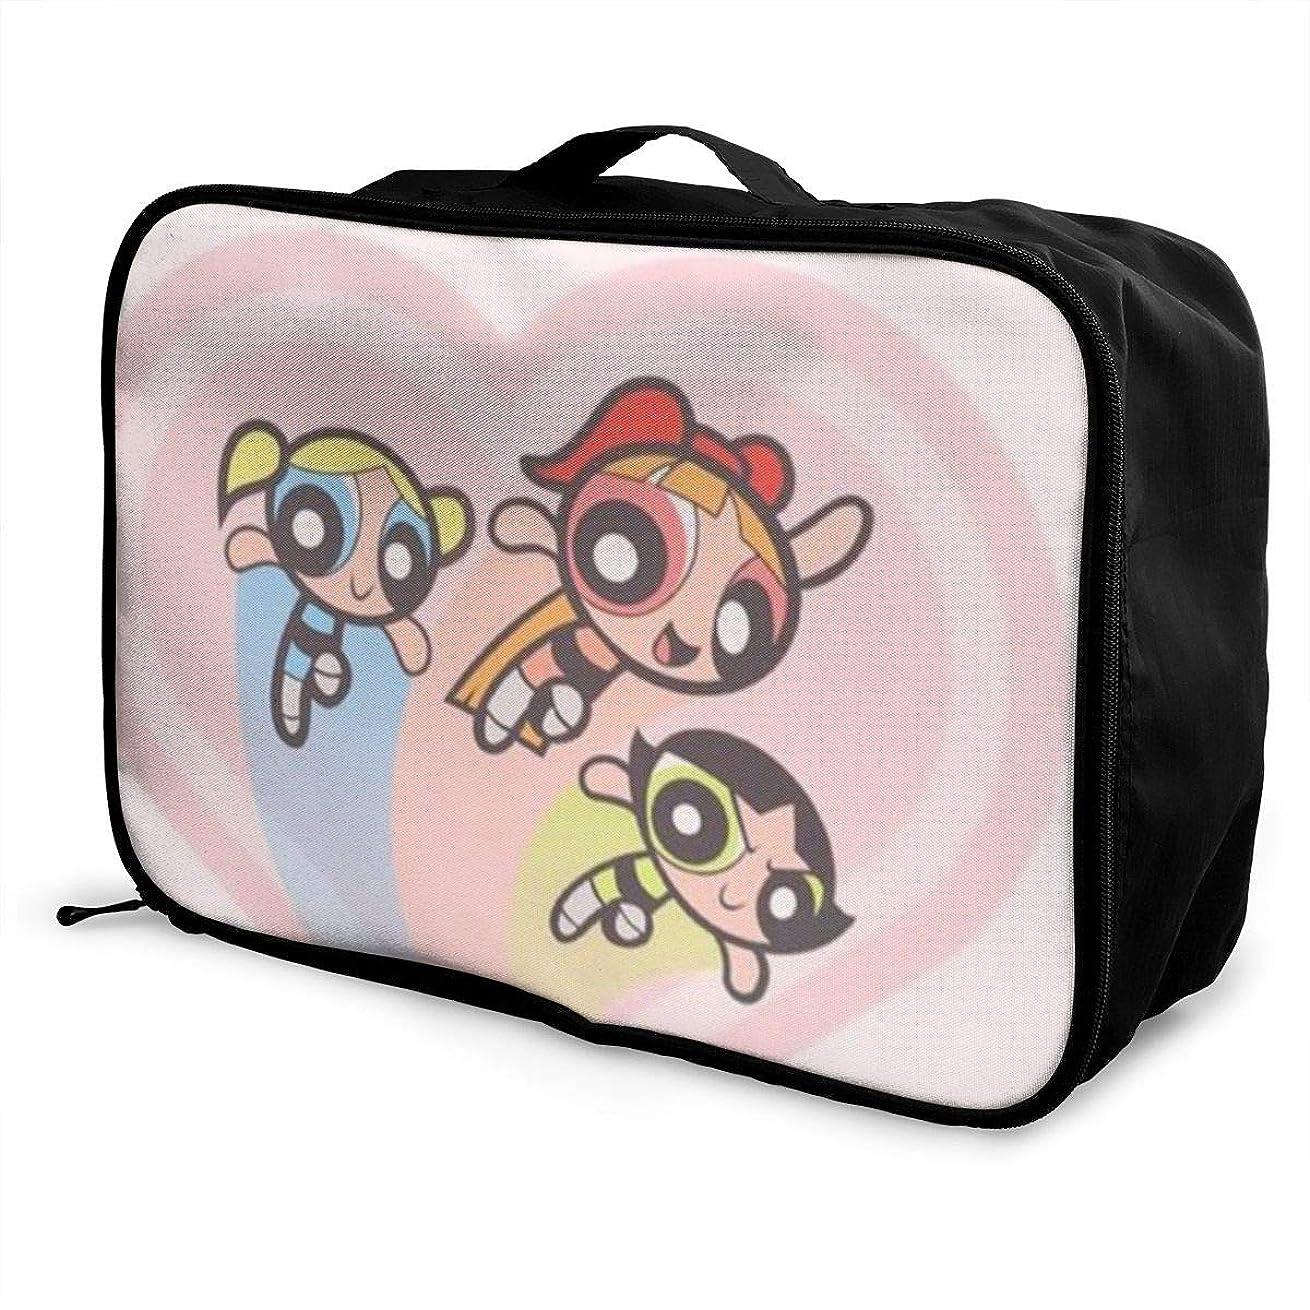 持つしてはいけません個人的なボストンバッグ パワパフガールズ キャリーオンバッグ トラベルバッグ 大容量 厚手 丈夫 荷物 折りたたみ スーツケース固定可 旅行 出張 男女兼用 かわいい おしゃれ